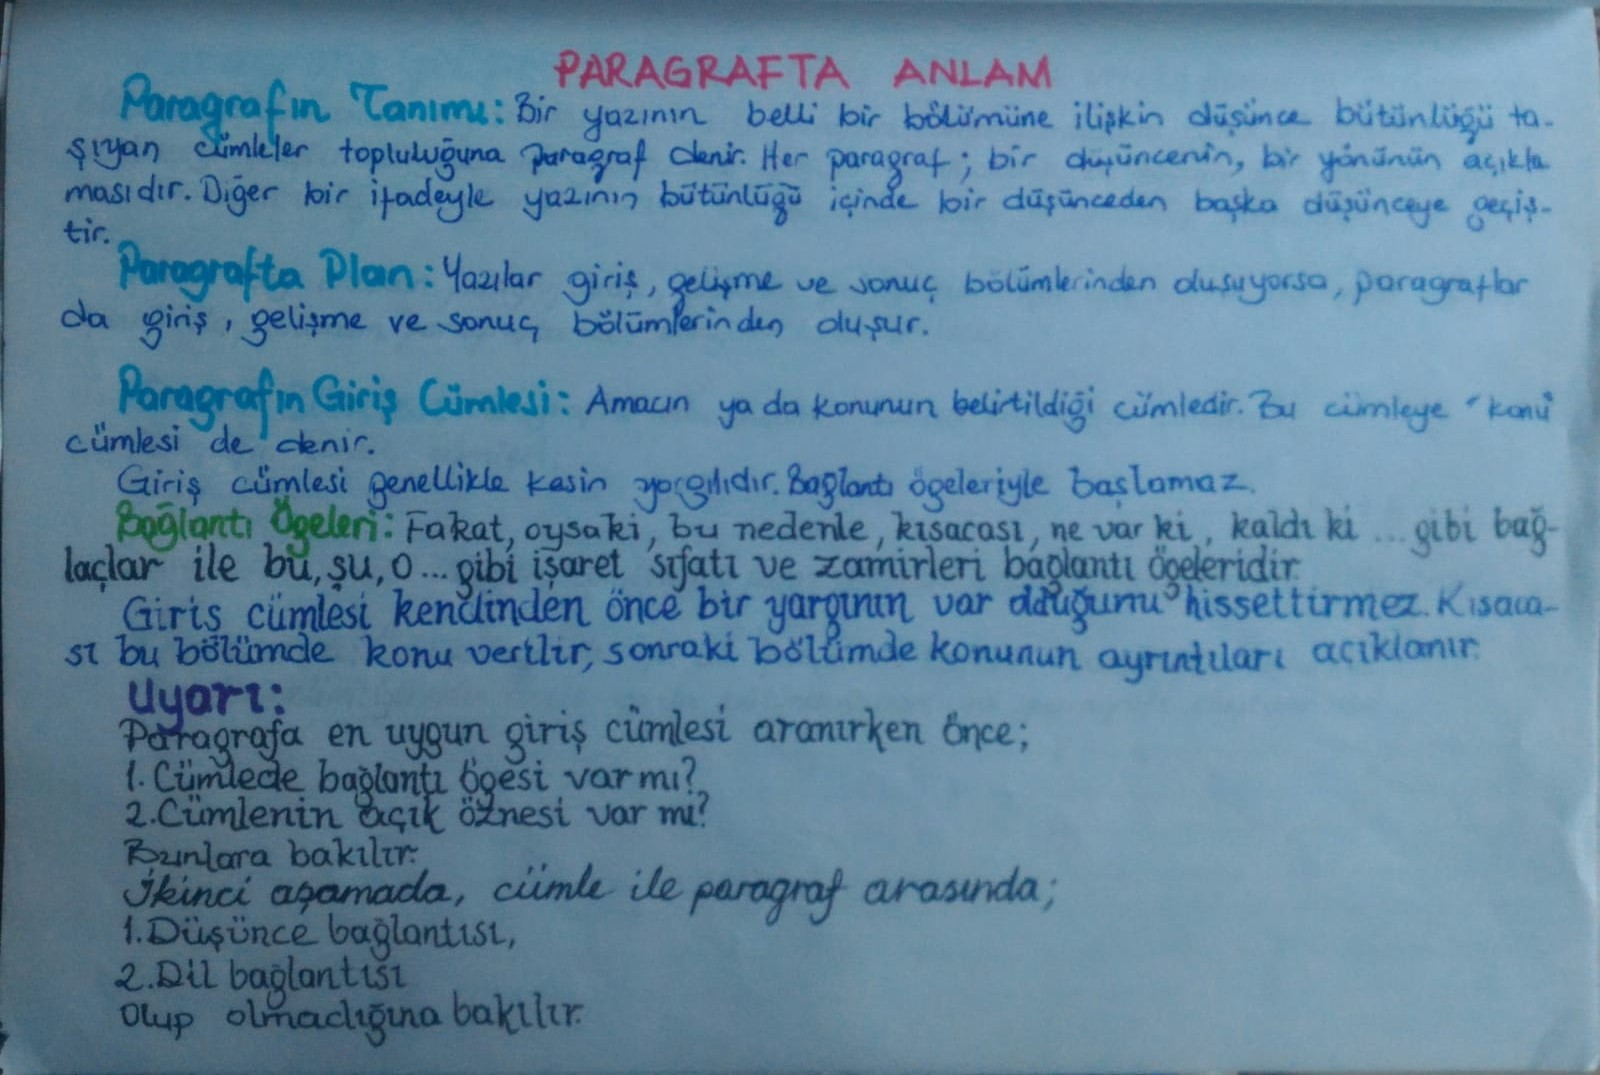 Paragrafta_anlam_1